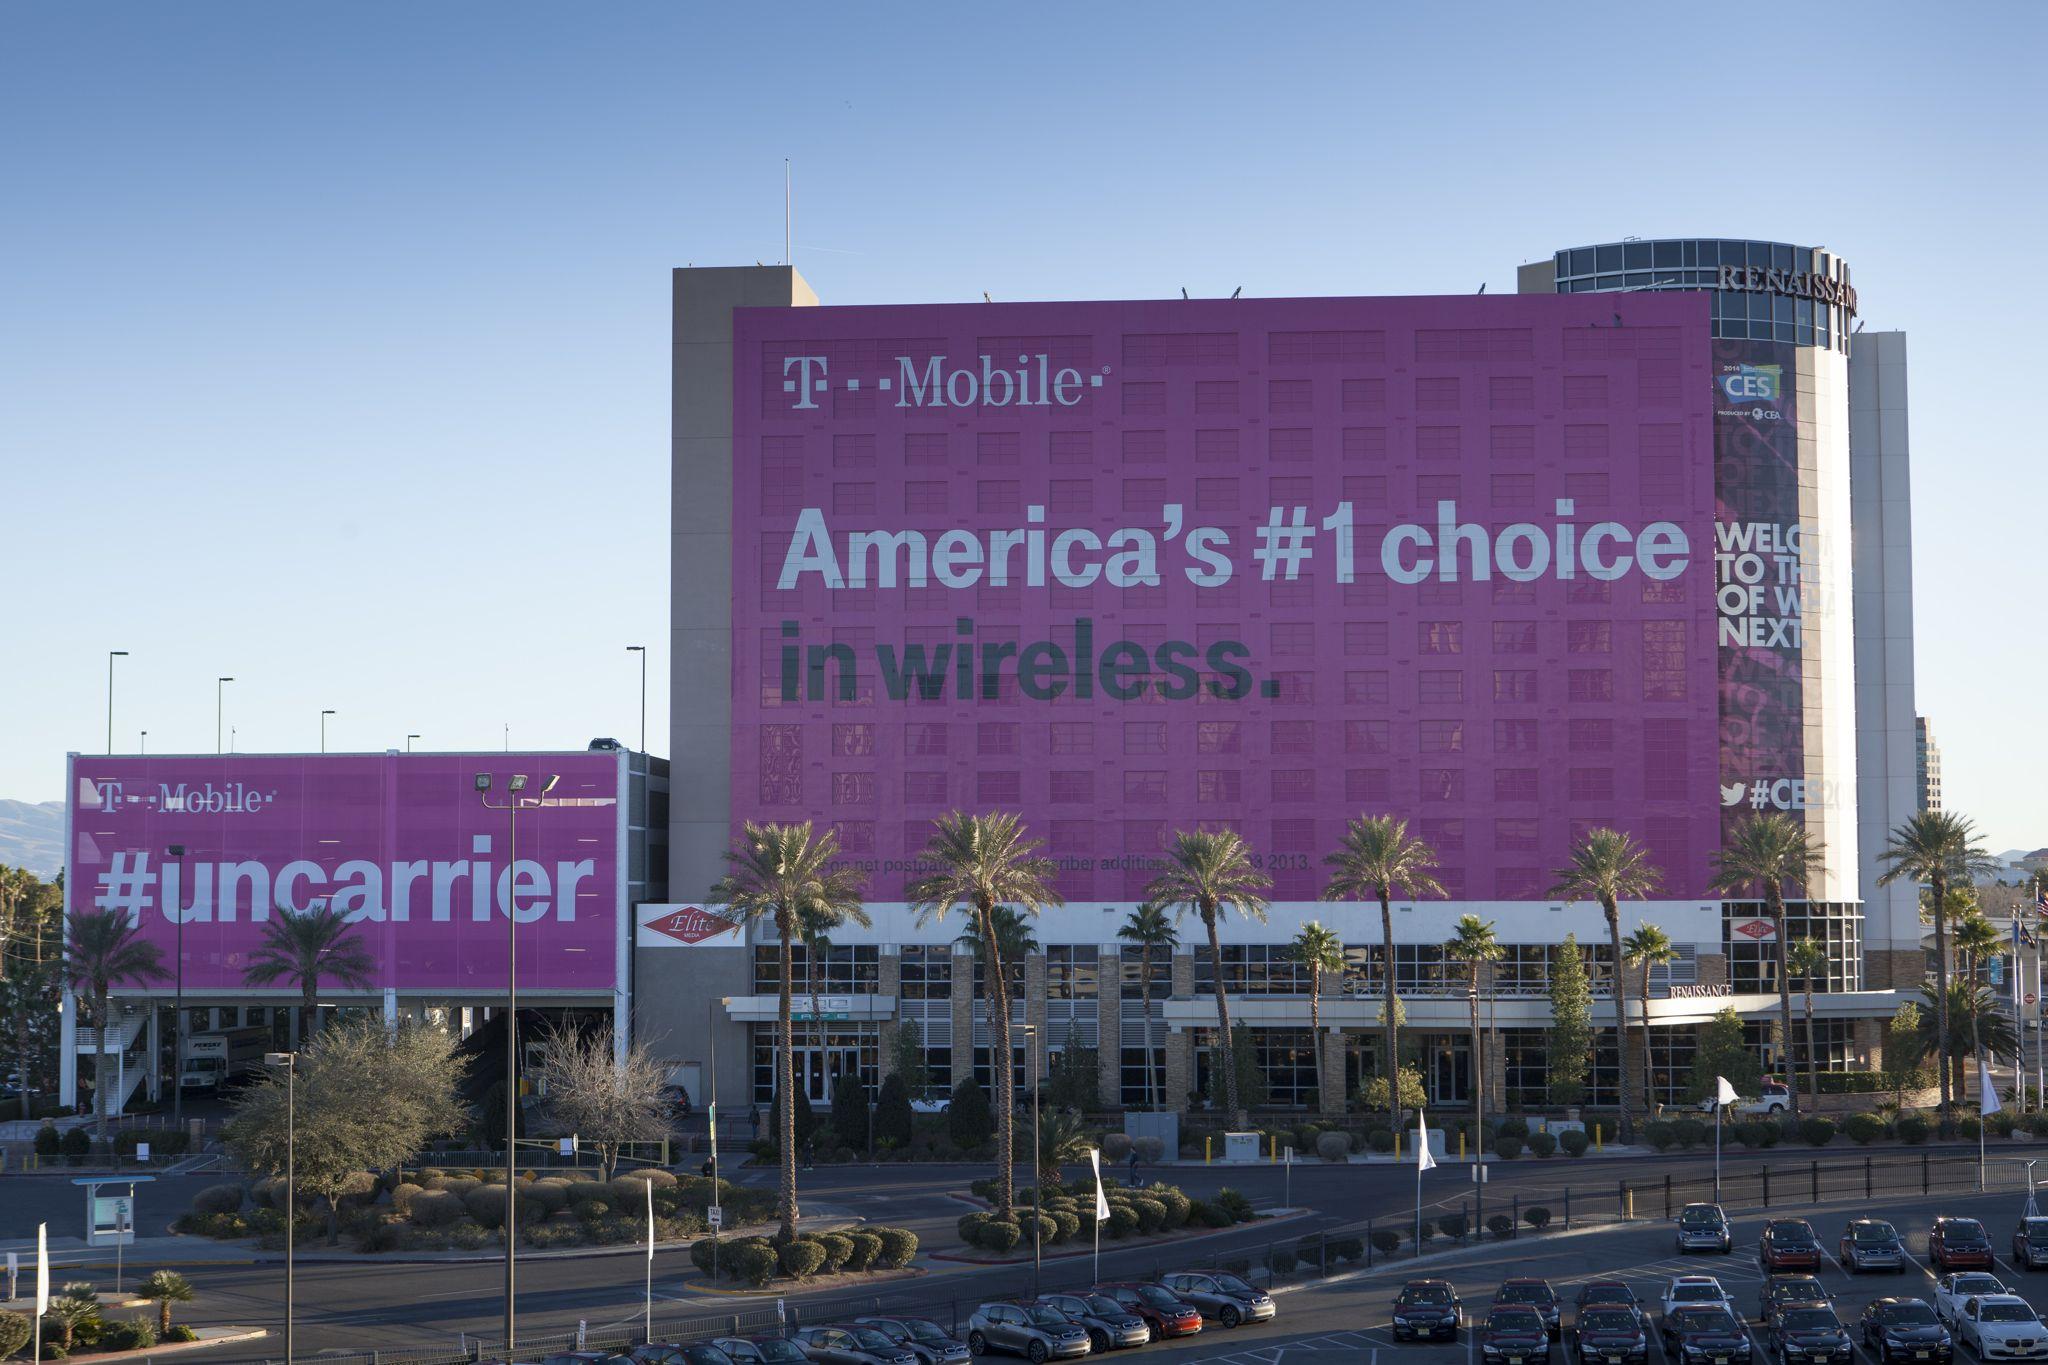 T-Mobile (CES 2014 building 001)